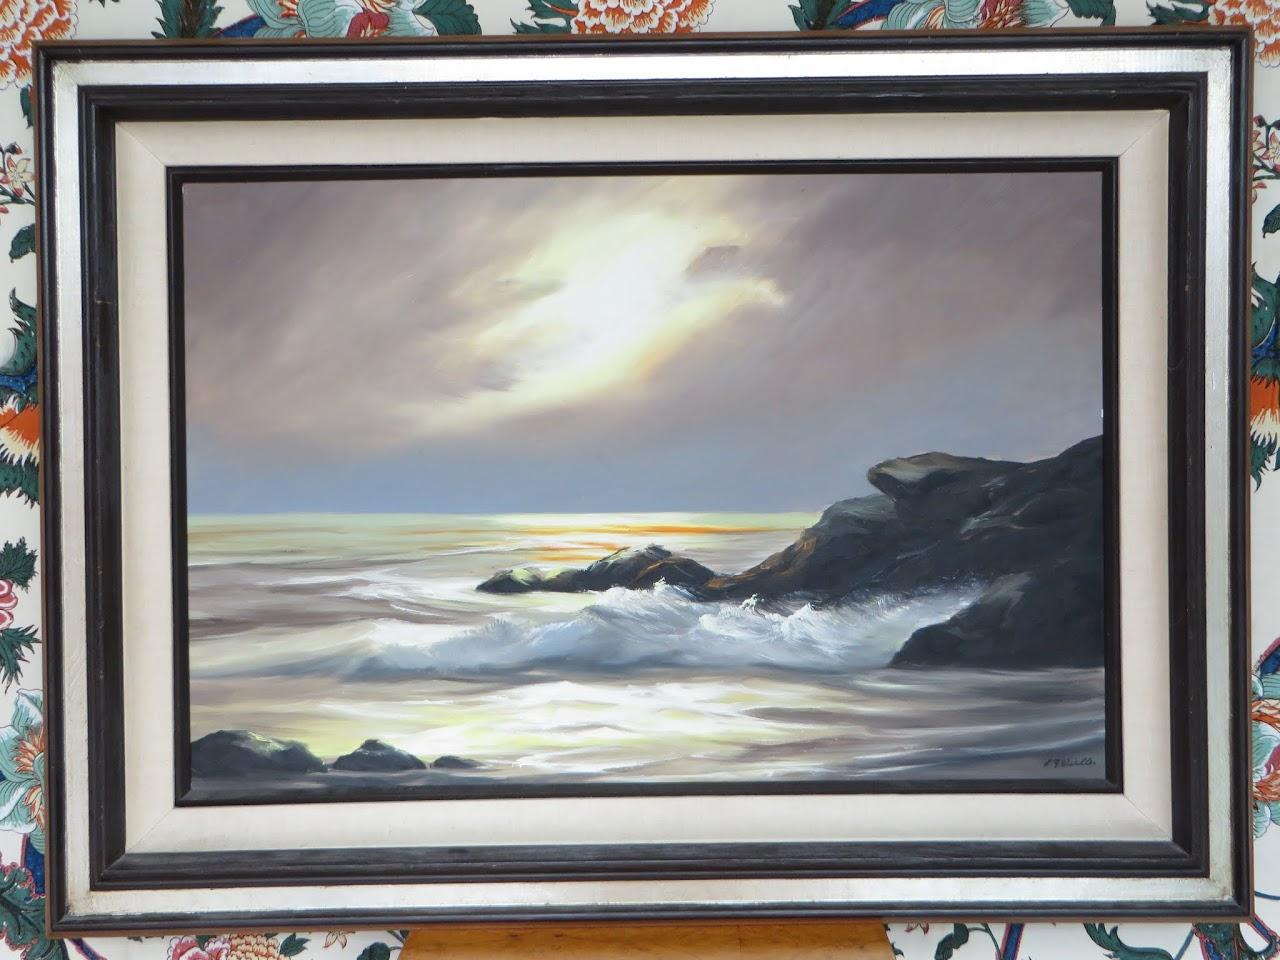 L.Y. Wistler Seascape Painting